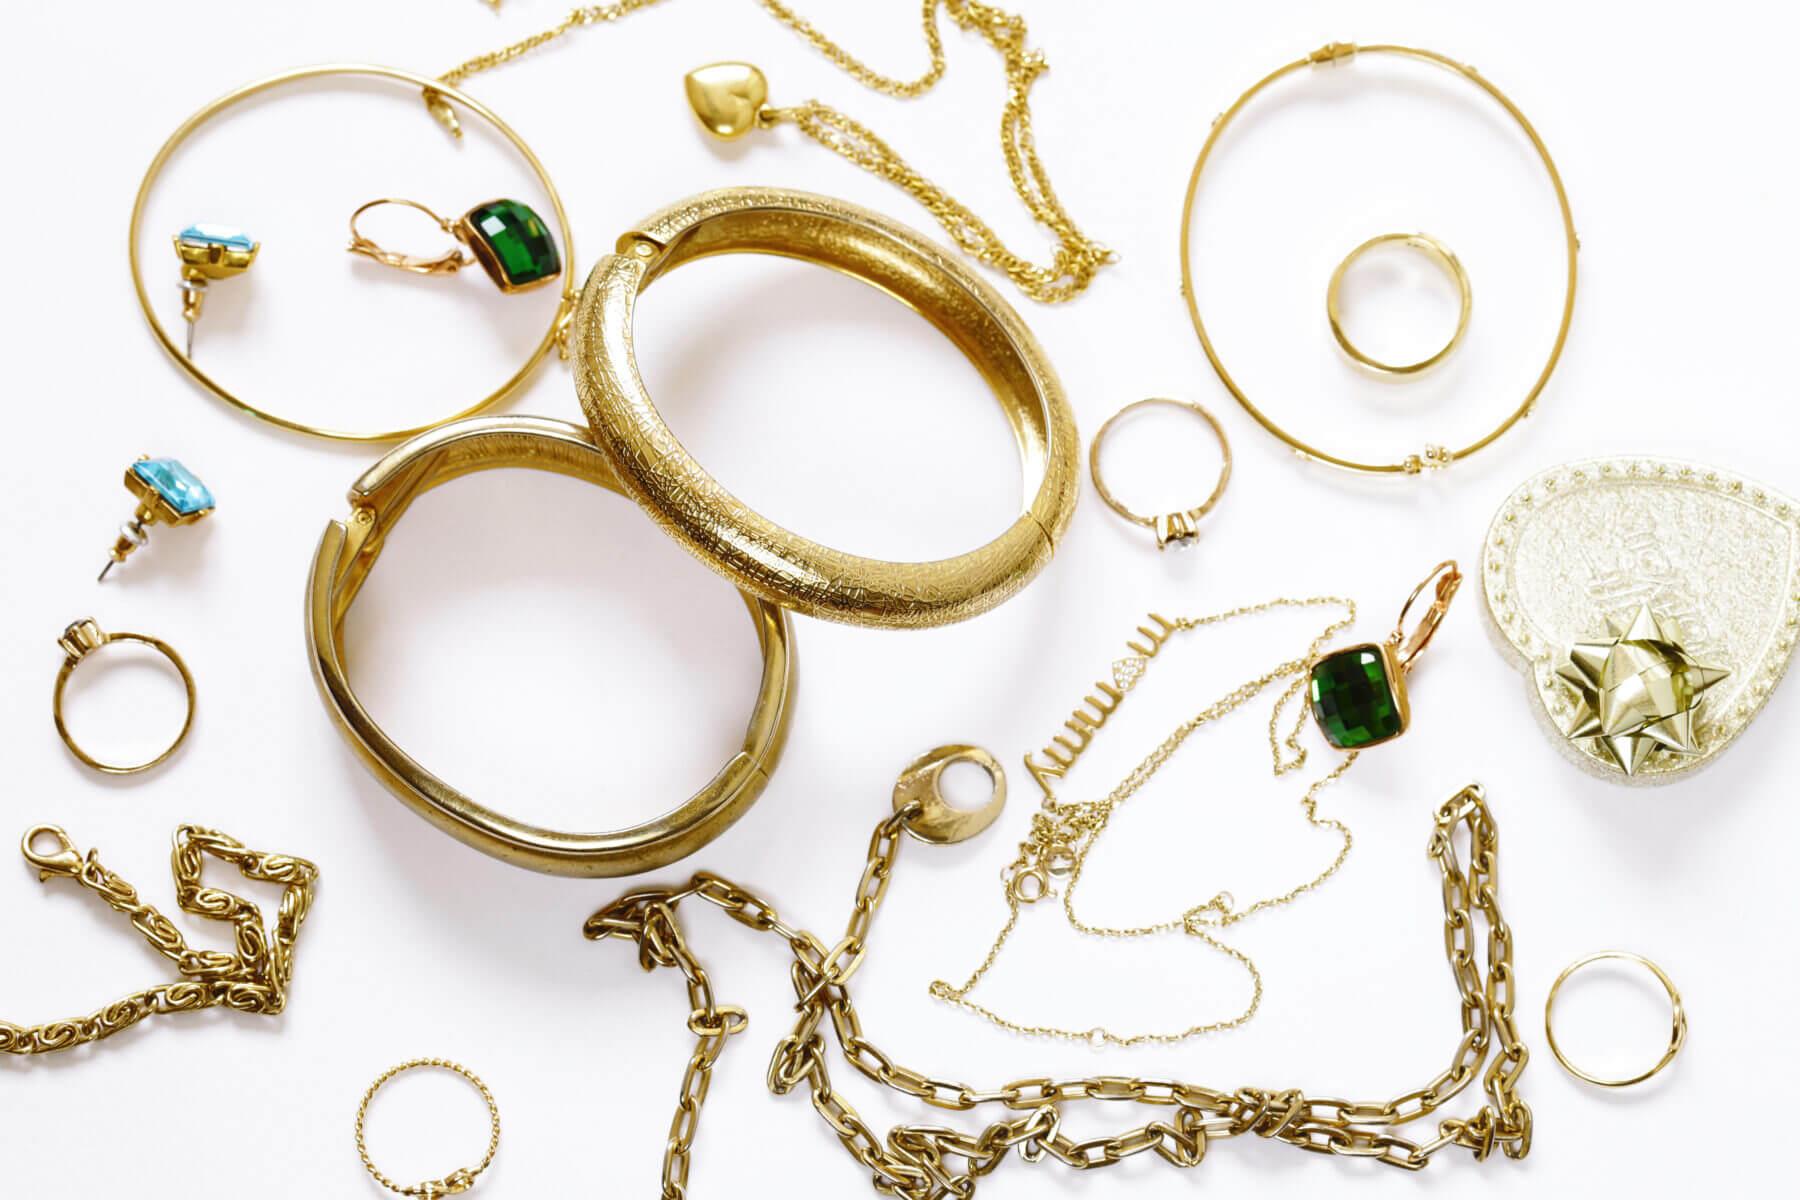 Złota biżuteria – towar ekskluzywny od tysięcy lat 👑